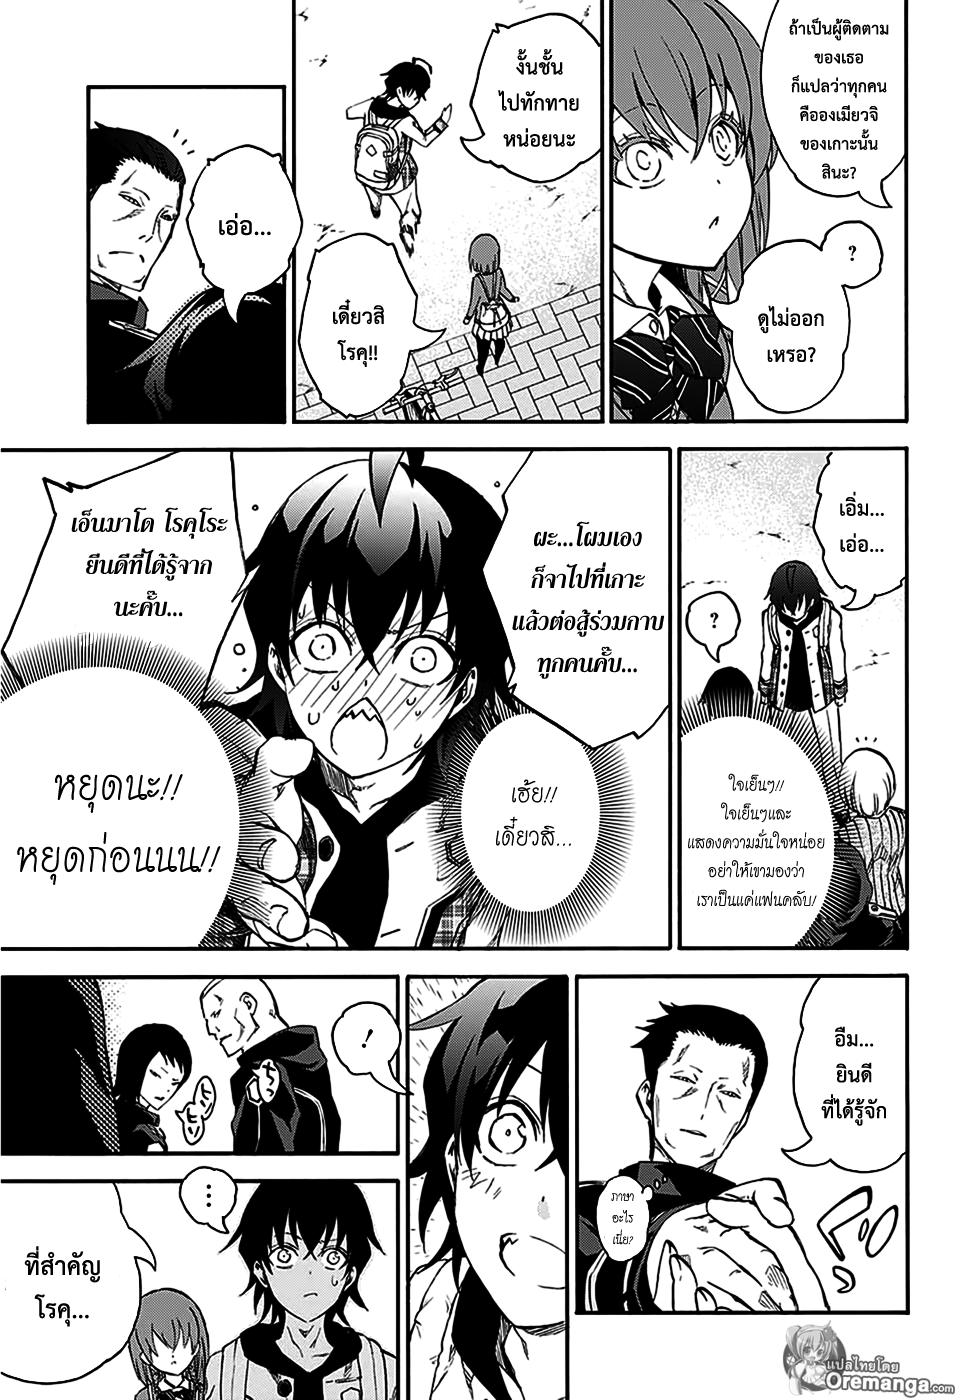 อ่านการ์ตูน Sousei no Onmyouji ตอนที่ 23 หน้าที่ 9